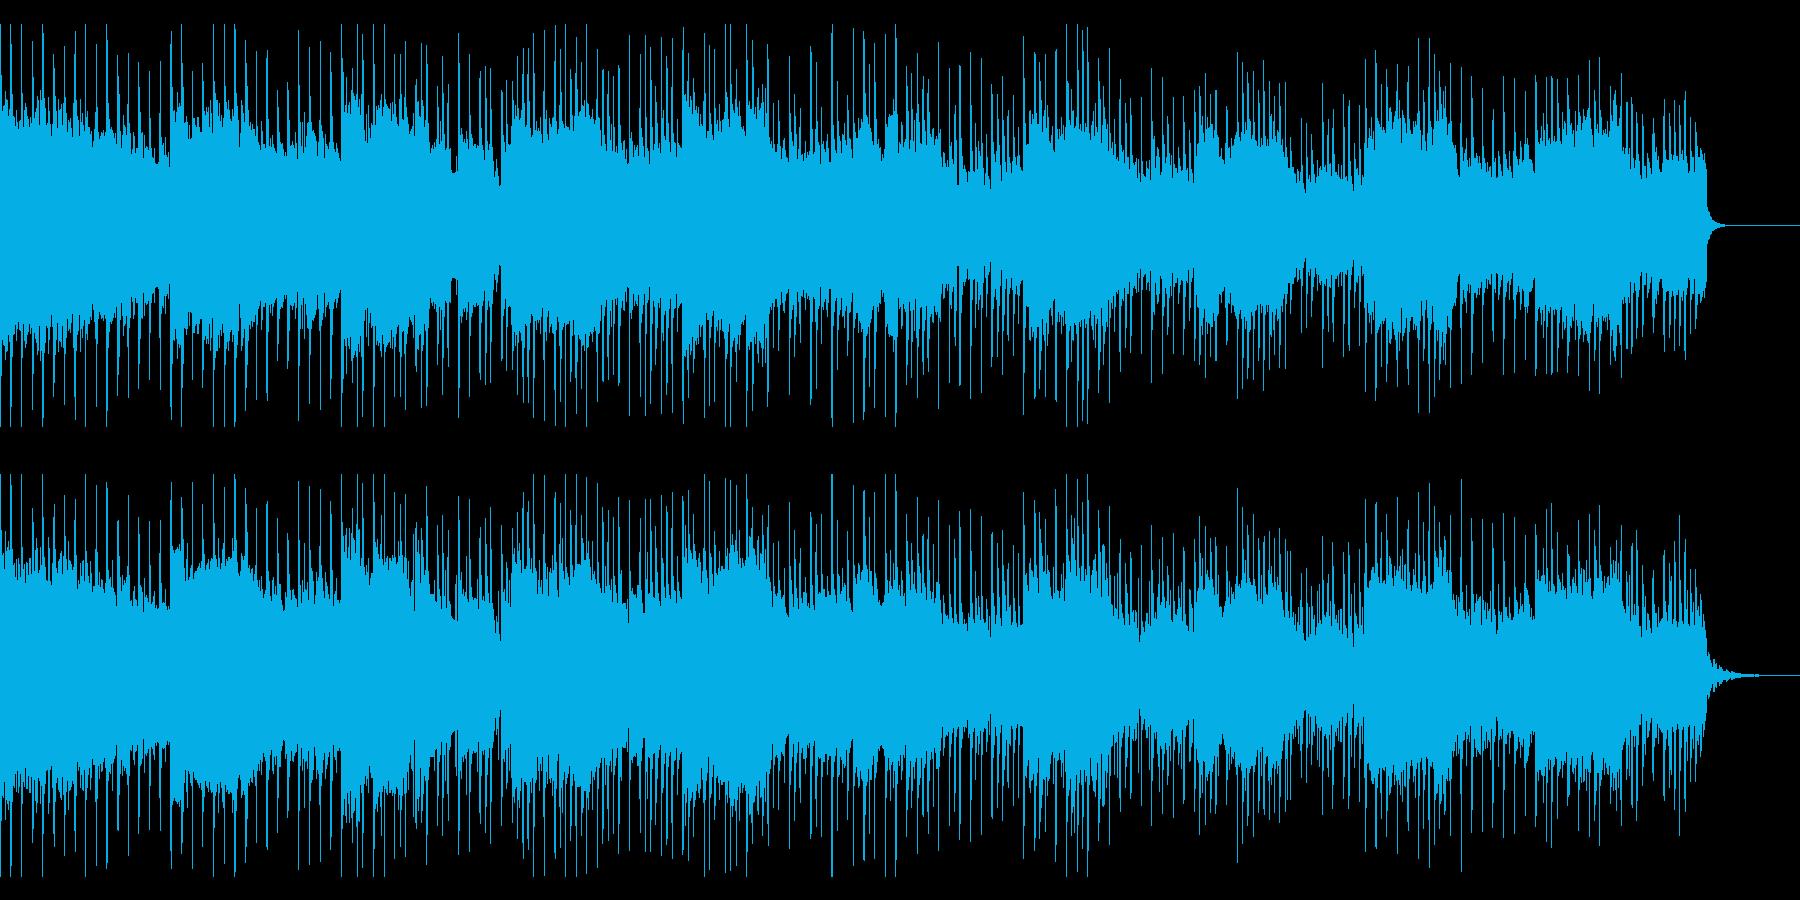 ゆったりした夏っぽいオルタナティブロックの再生済みの波形